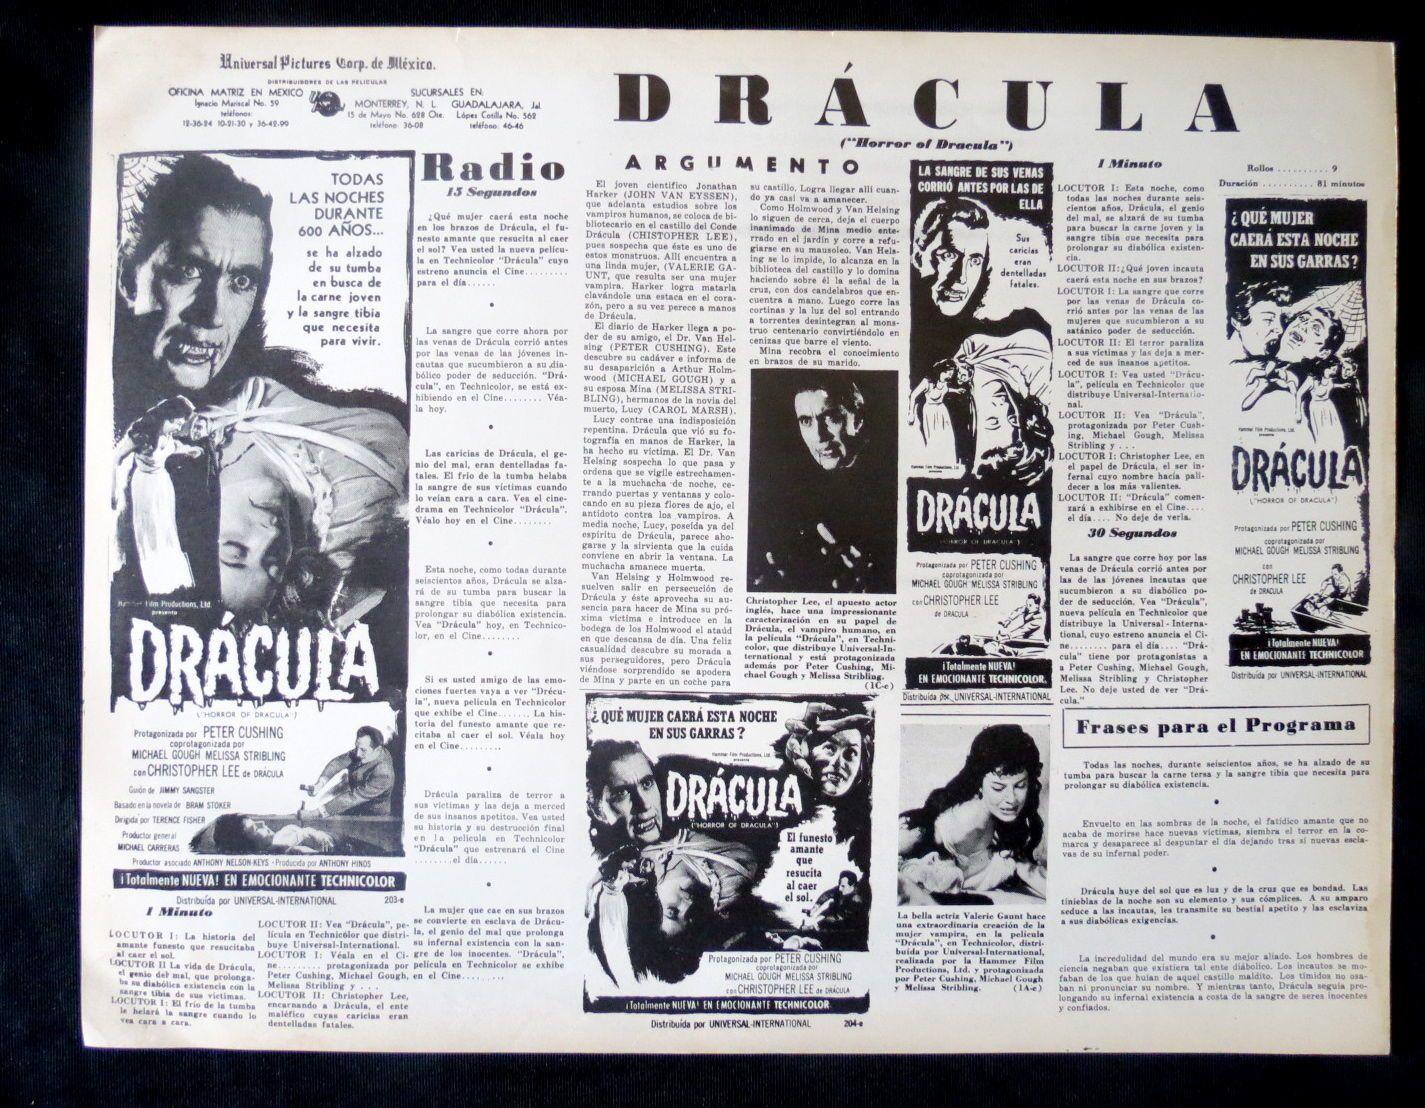 dracula_spanishpb1